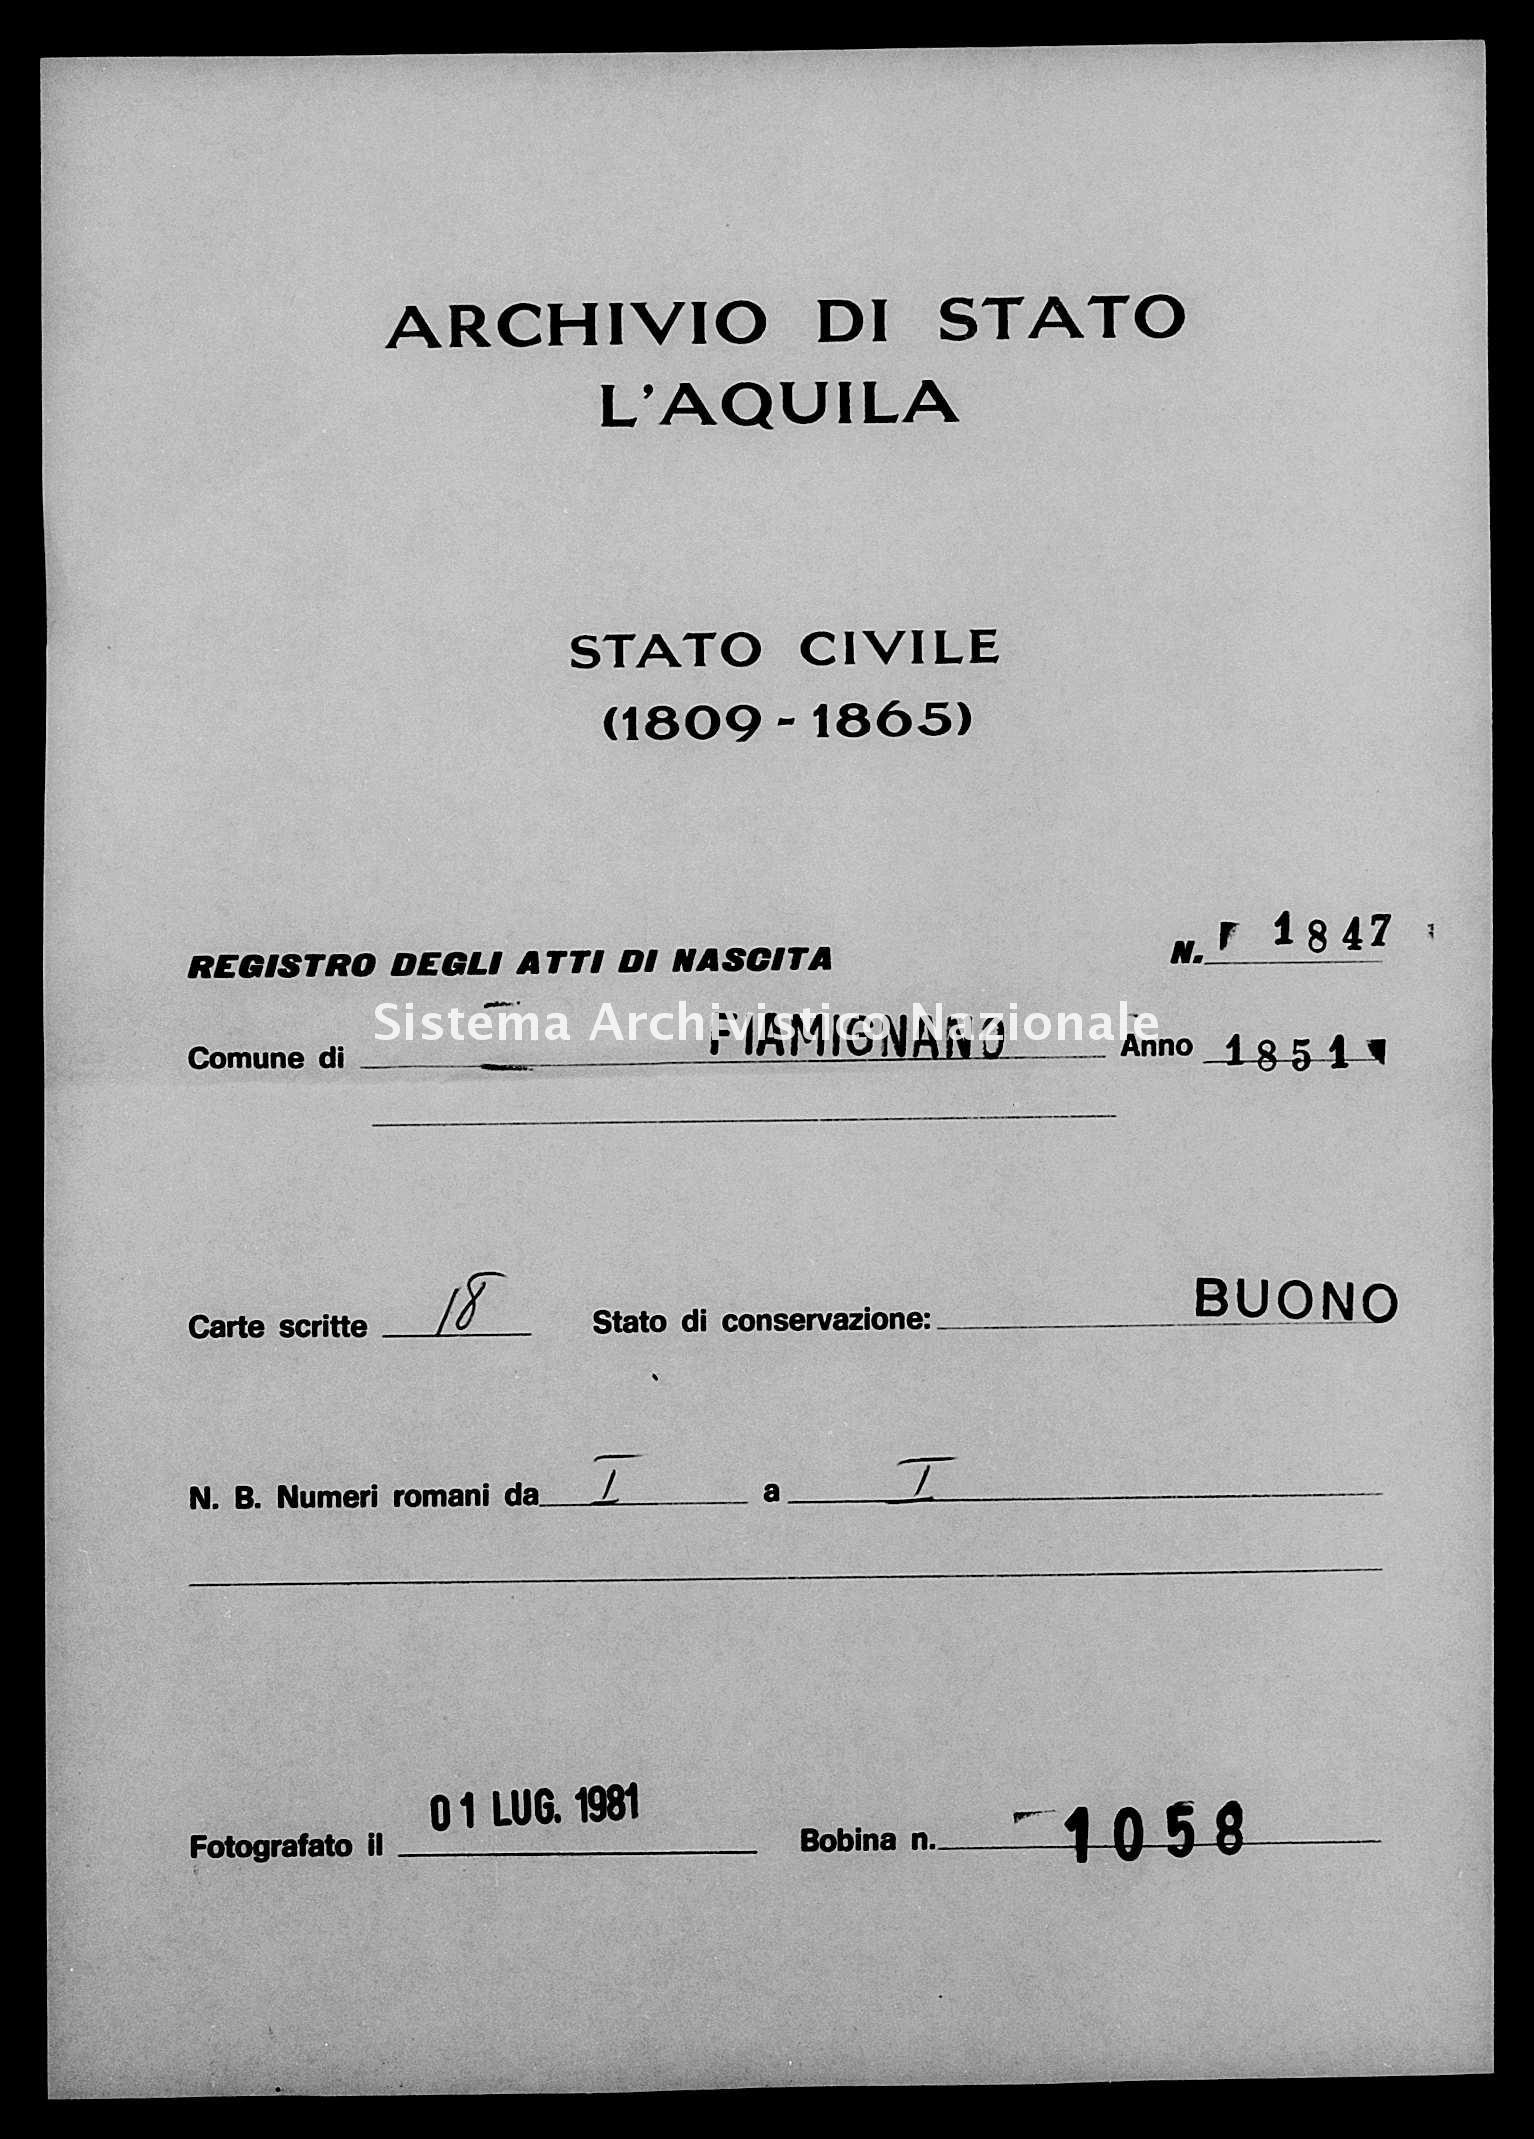 Archivio di stato di L'aquila - Stato civile della restaurazione - Fiamignano - Nati - 1851 - 1847 -